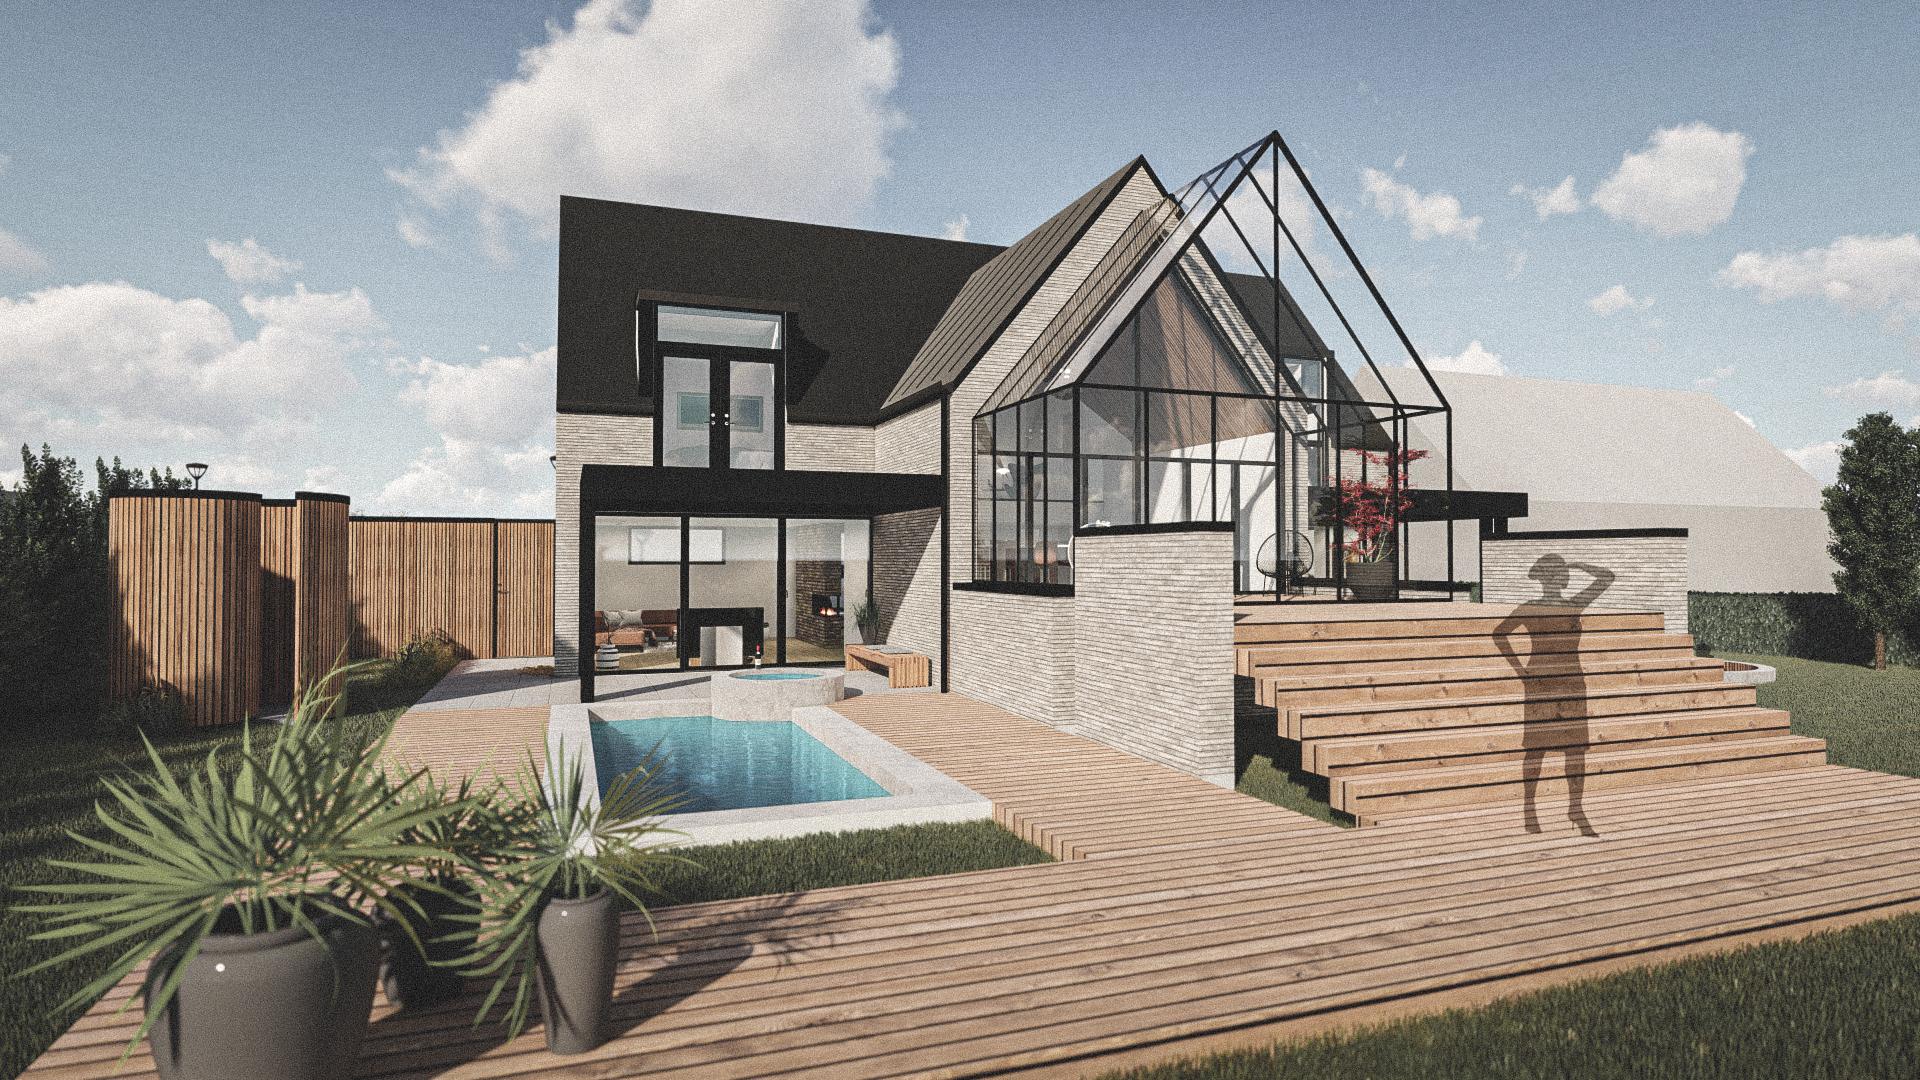 Billede af Dansk arkitekttegnet 2 plan villa af arkitektfirmaet m2plus, i Brøndby Strand på 326 kvartratmeter.